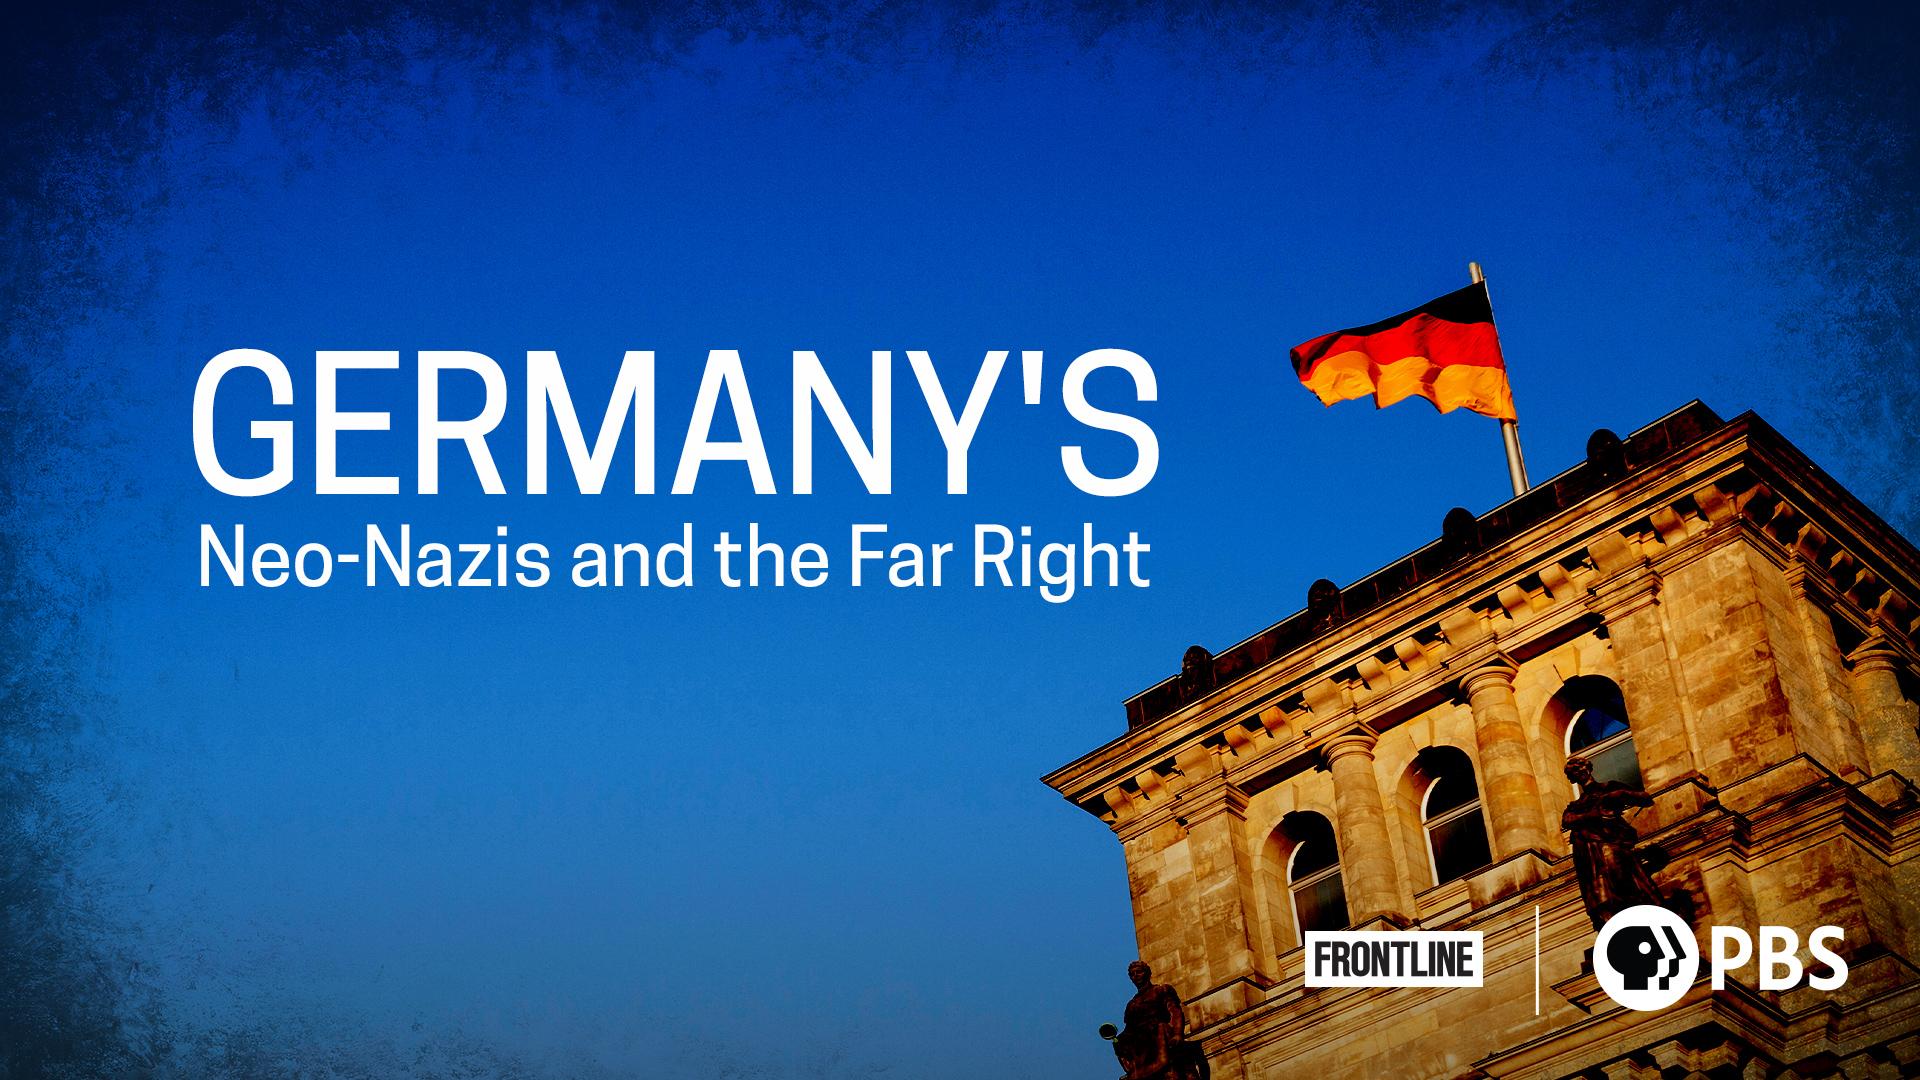 Germany's Neo-Nazis & the Far Right